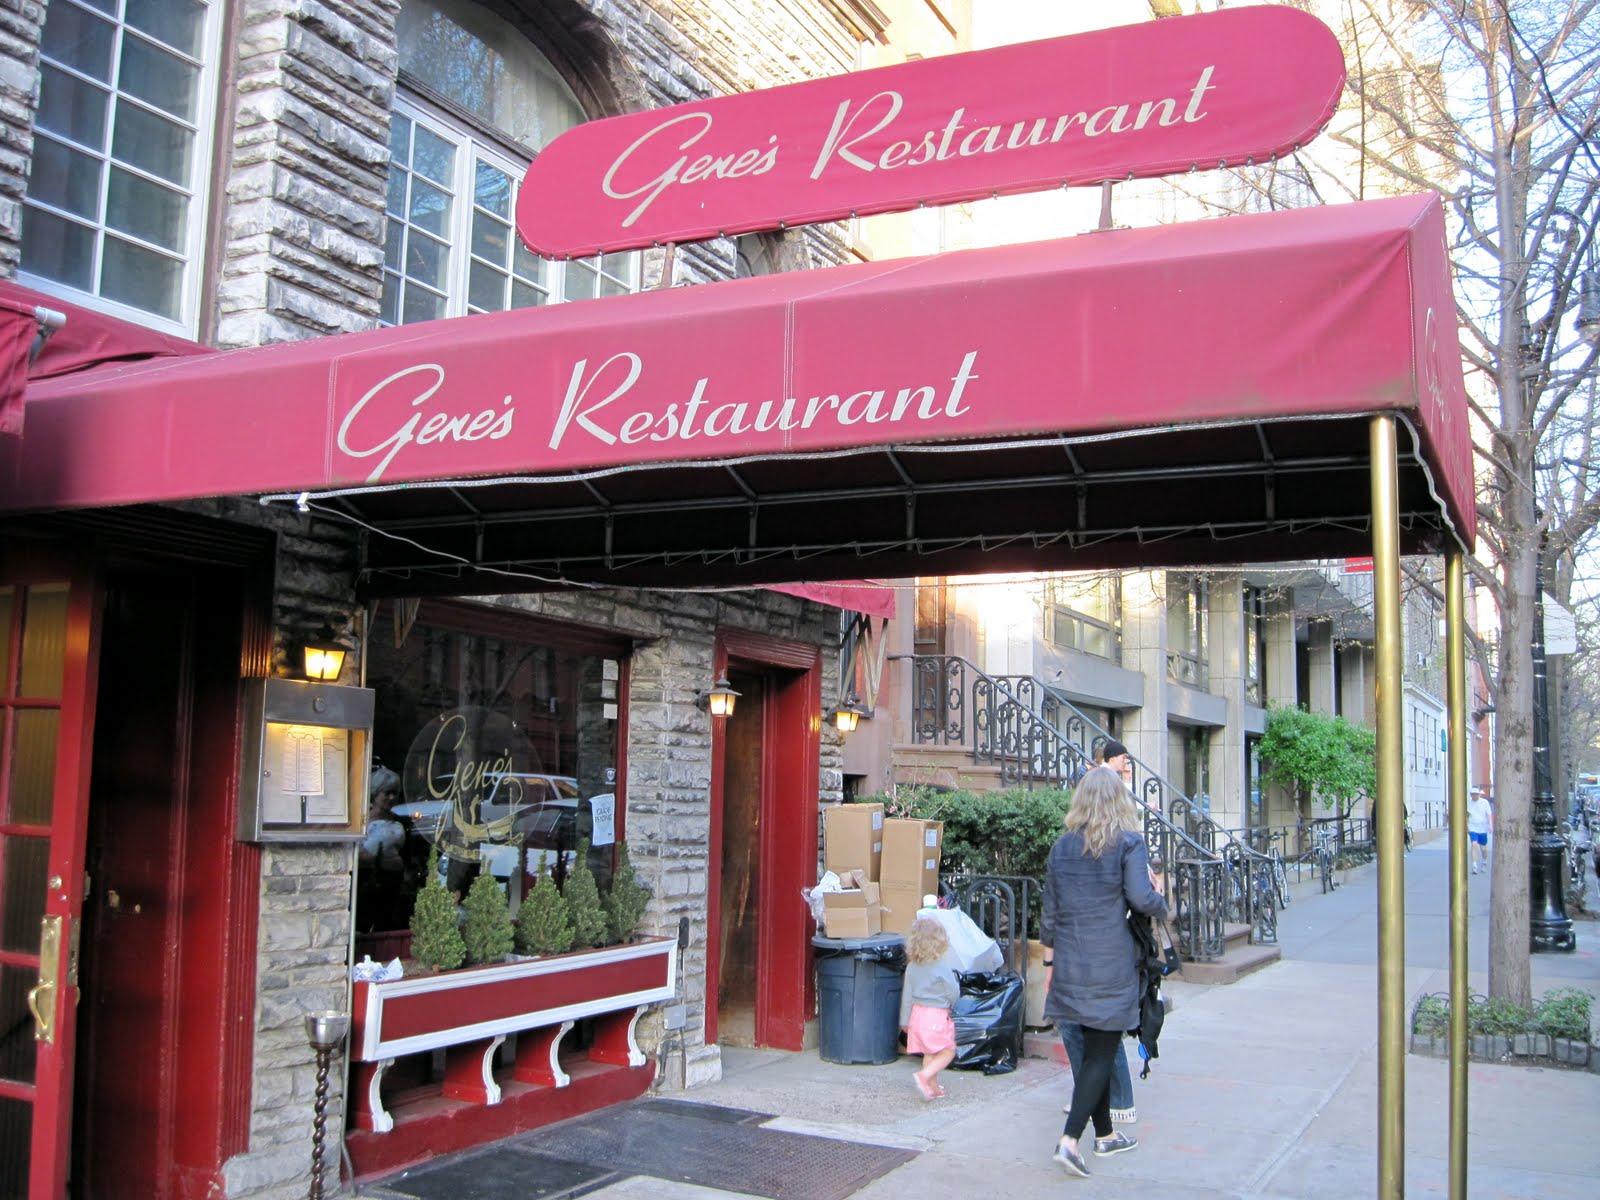 Gene s restaurant one of new york s best spots for civil service